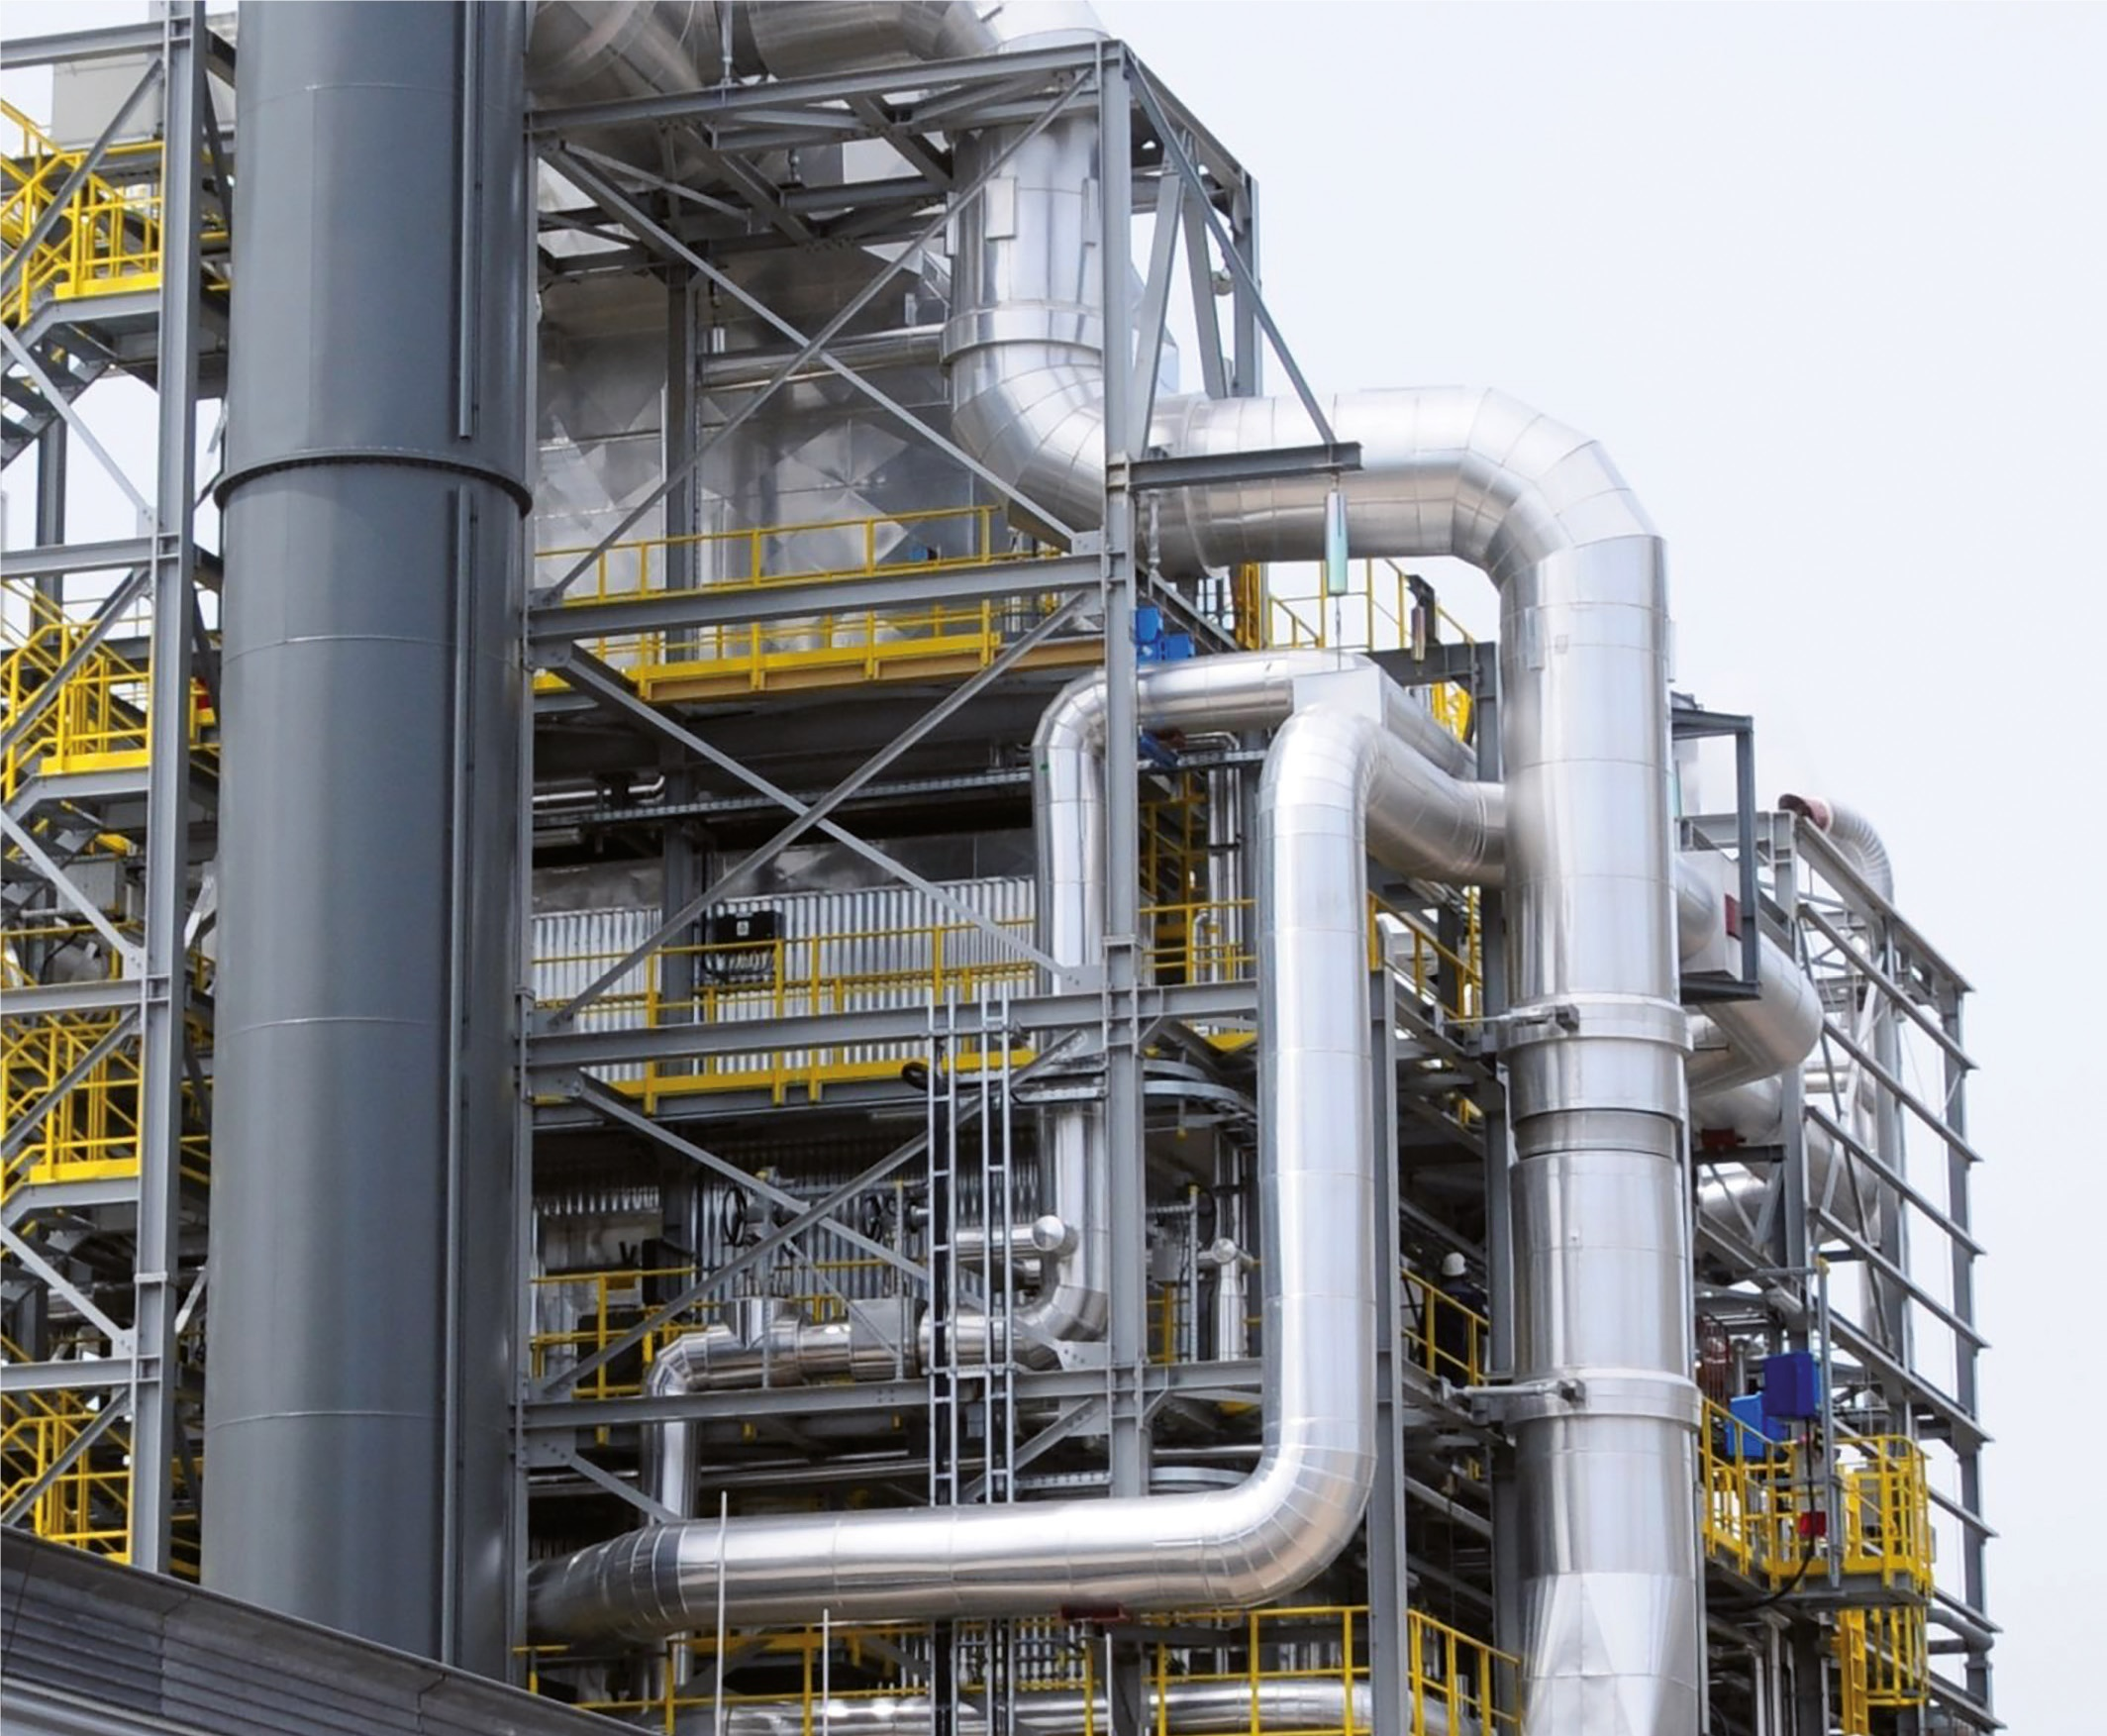 Lees meer over het artikel Opgave industrie: eerst energie besparen